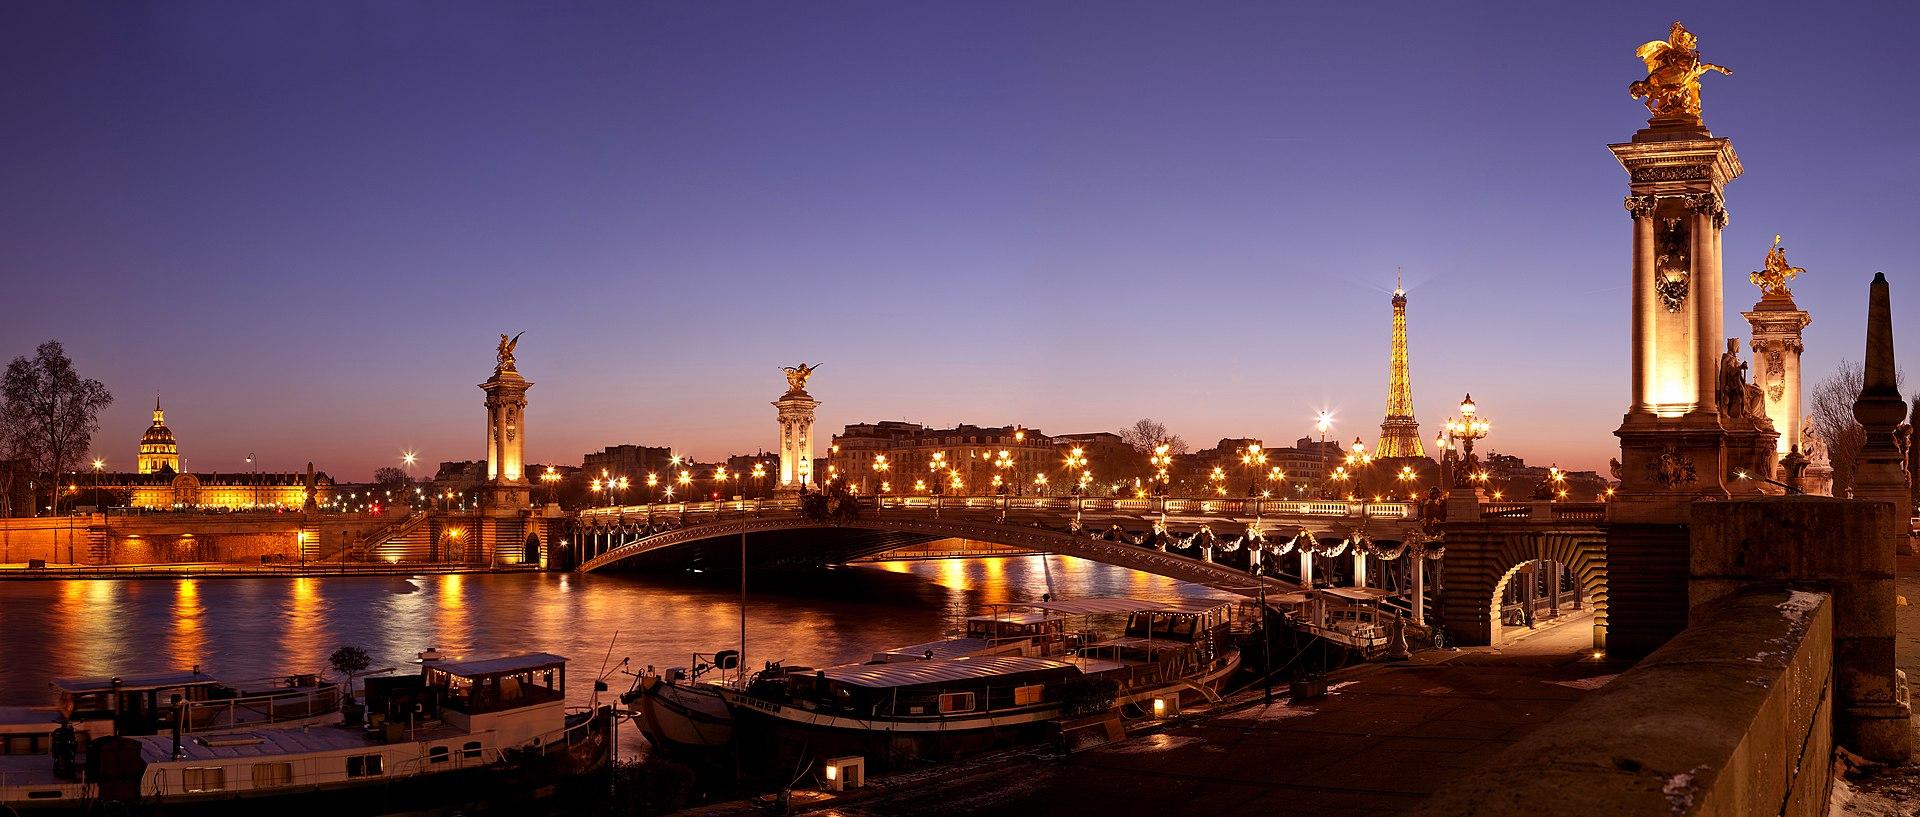 Le pont Alexandre-III, la Seine et l'hôtel des Invalides à Paris.  (définition réelle 6000×2553)